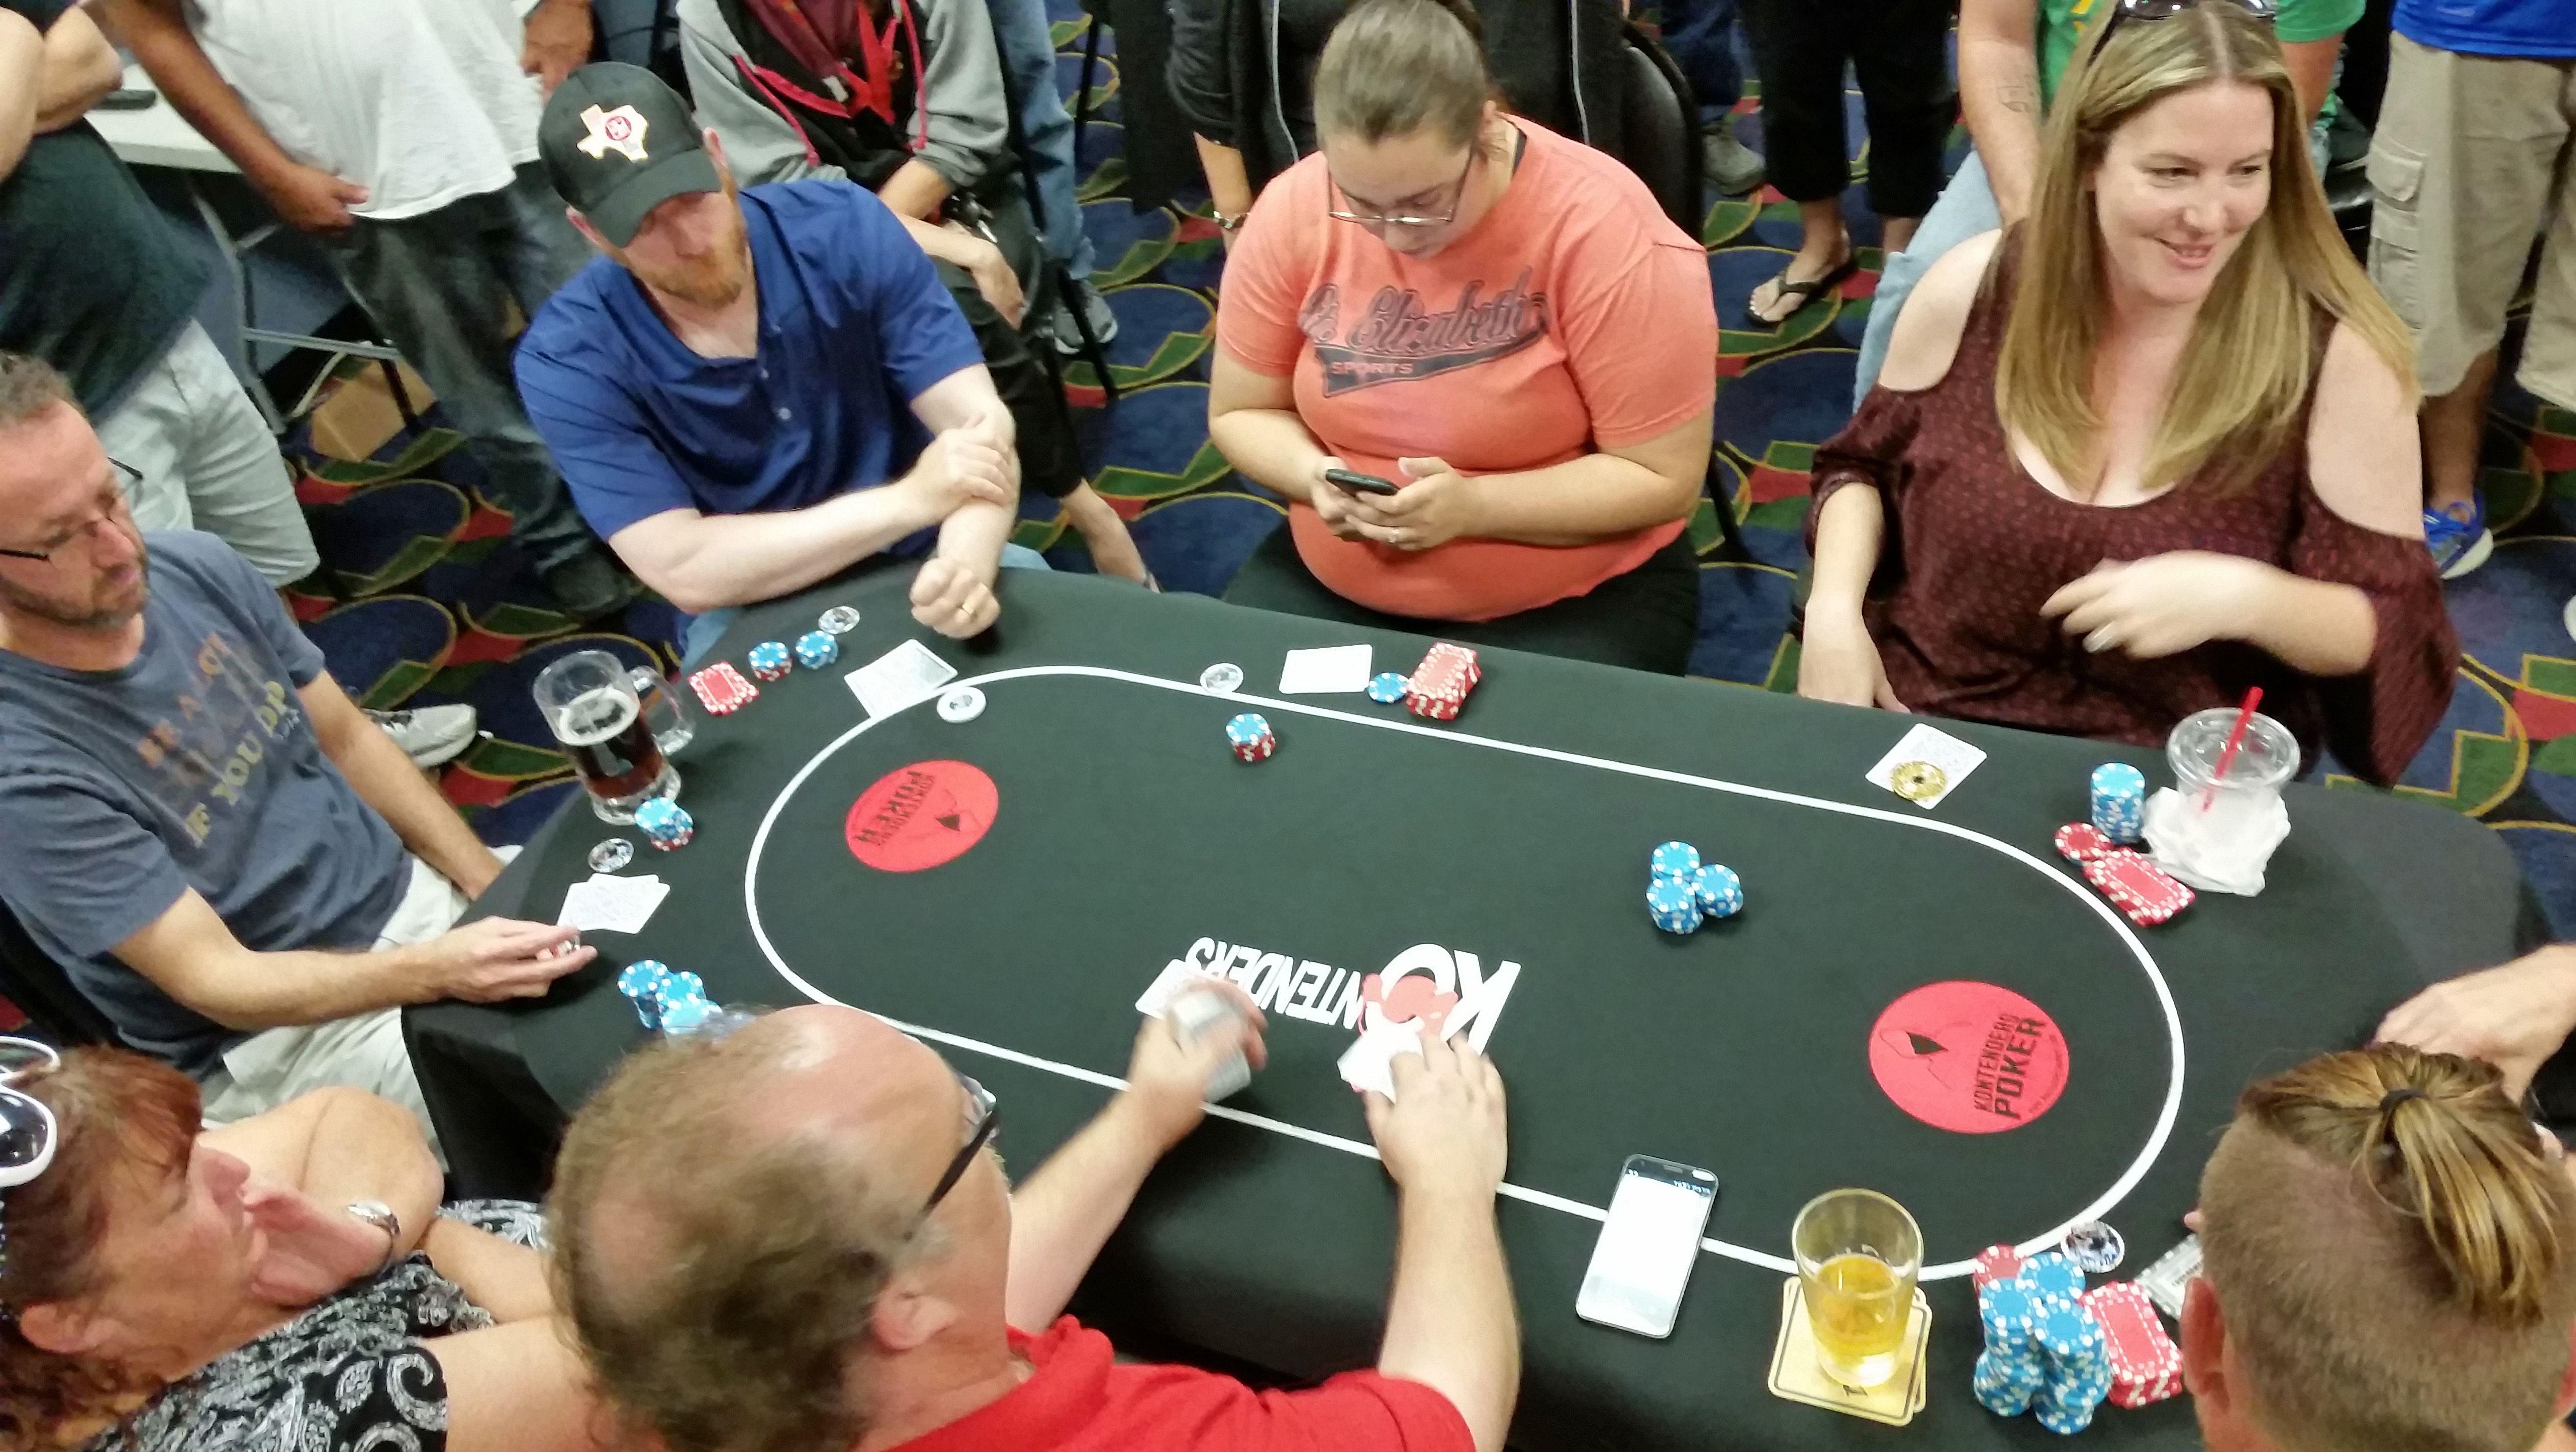 Las vegas roulette table